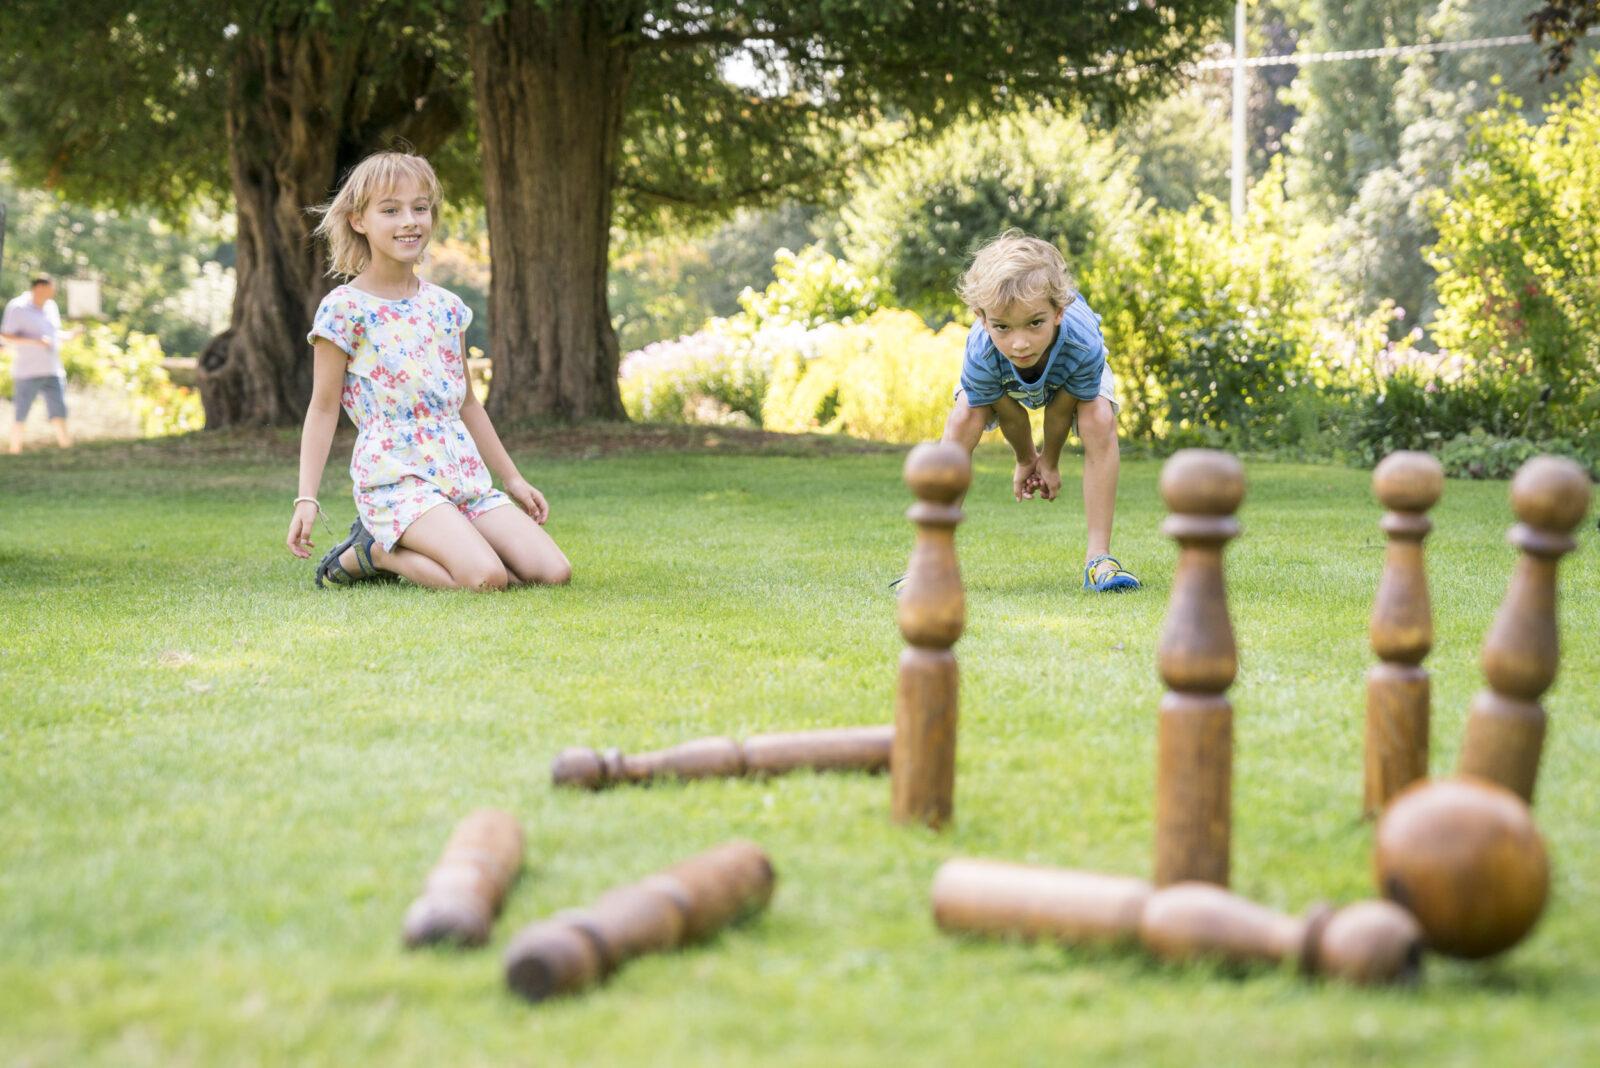 Children playing regency garden games in the garden at Jane Austen's House